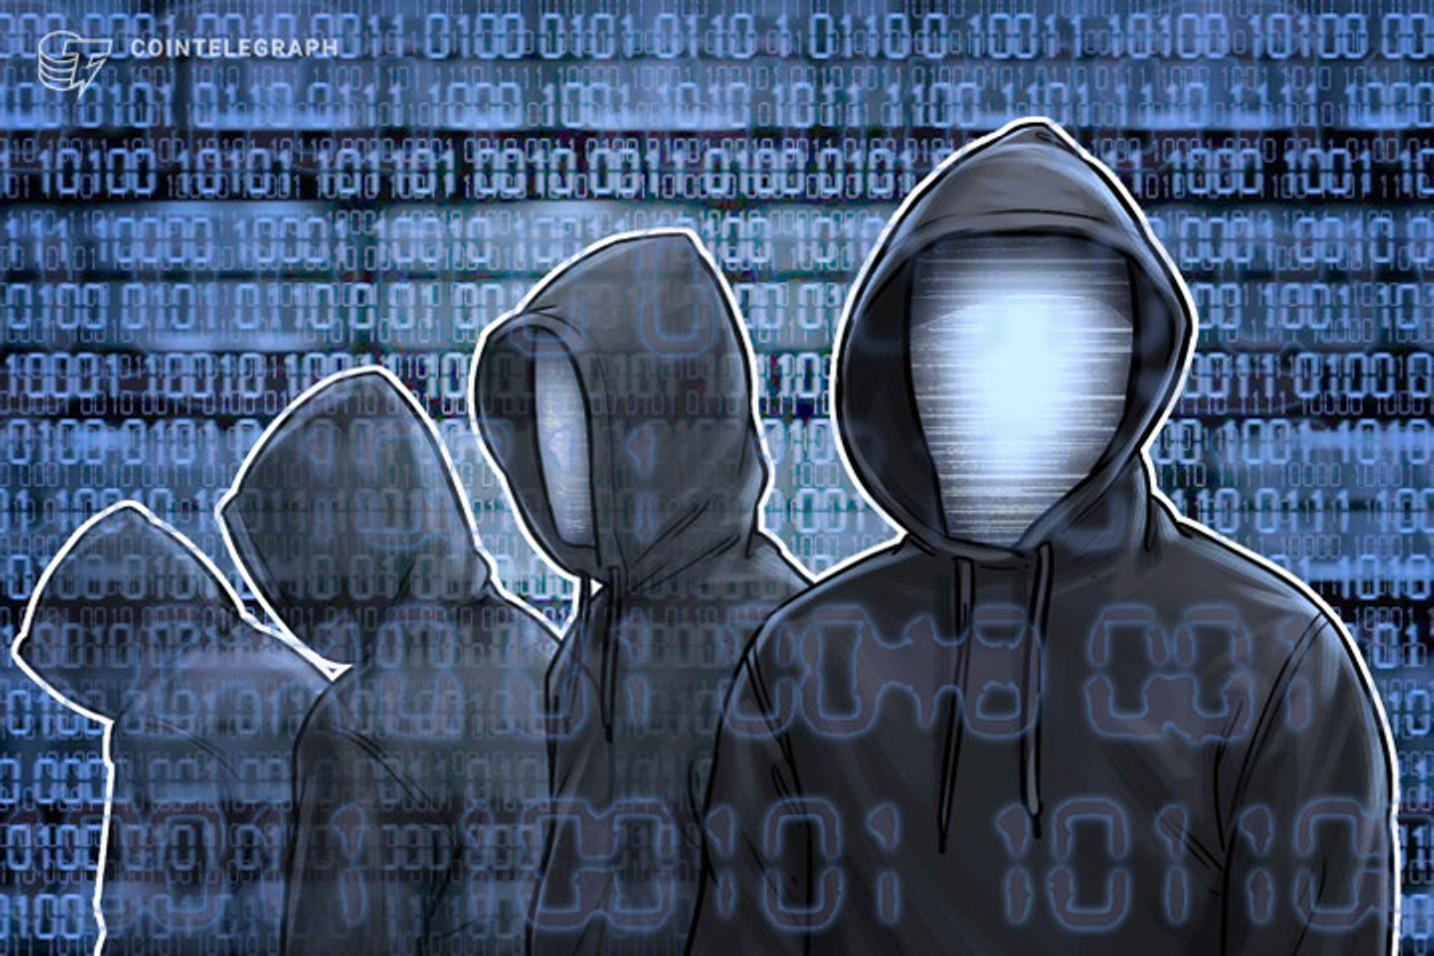 'TV Pirata': Streaming ilegal causa prejuízo de R$ 15 bilhões por ano no Brasil e criminosos usam aplicativos até para minerar Bitcoin